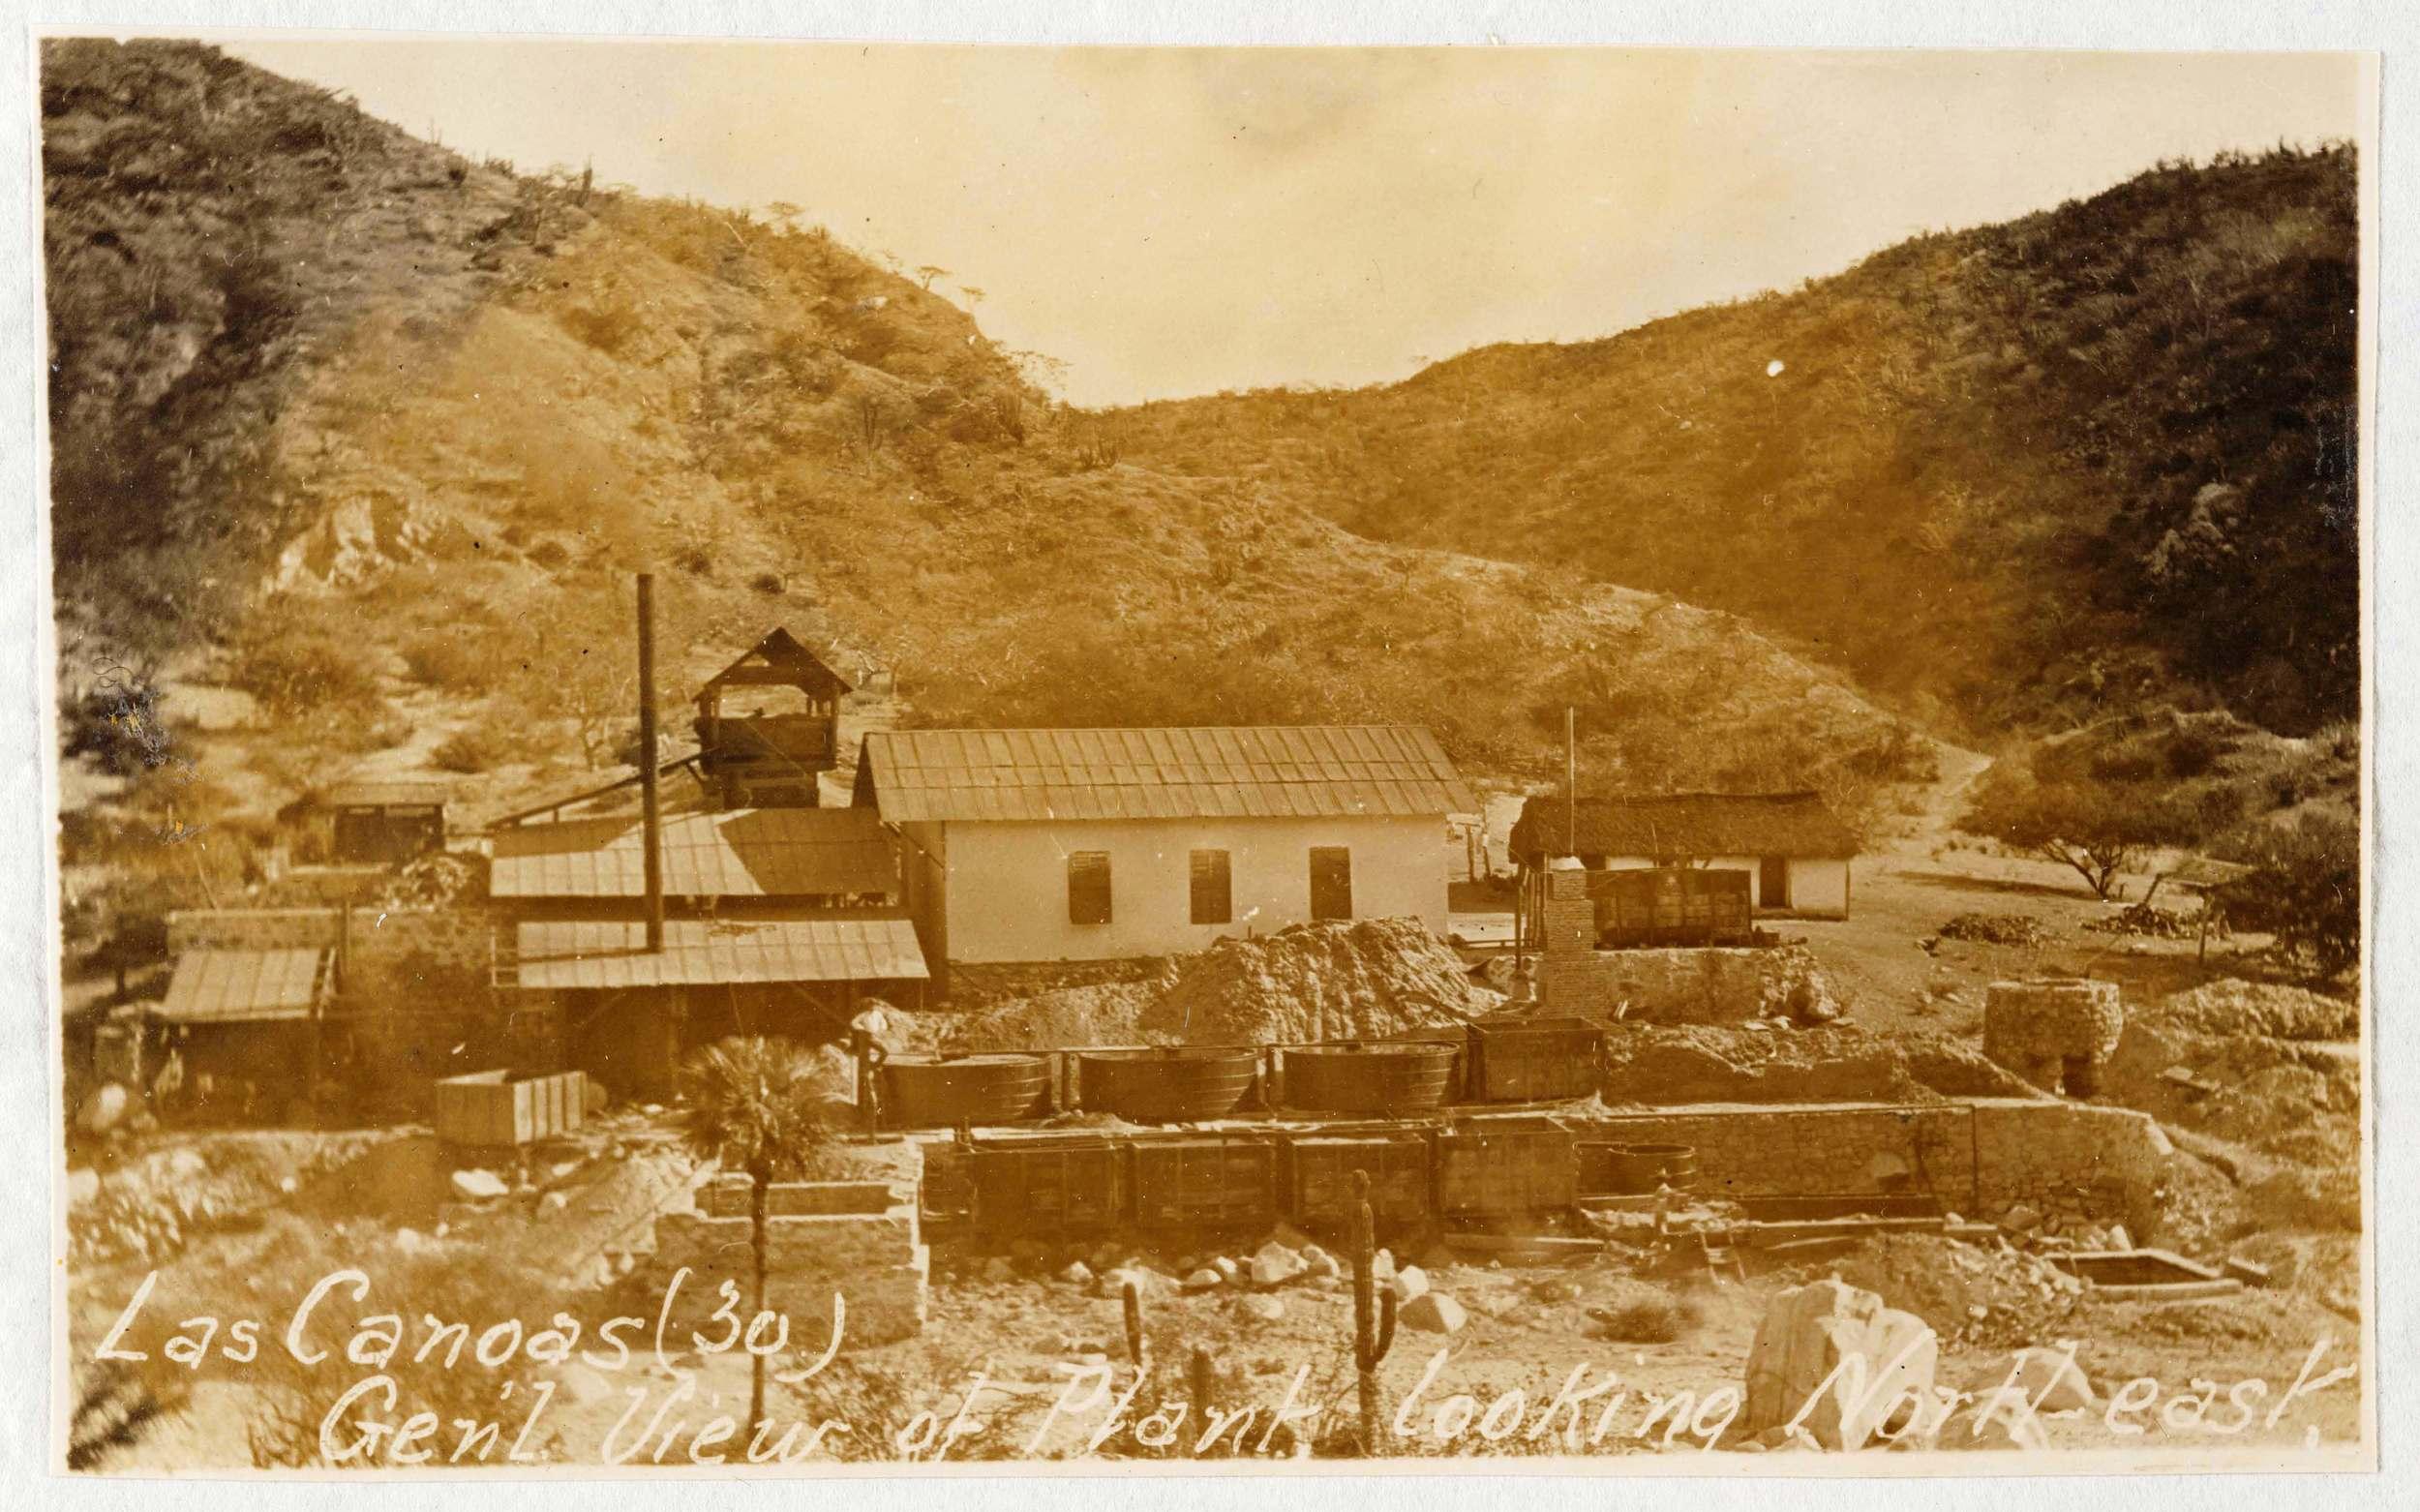 canoas-mining-facility-mexico.jpg